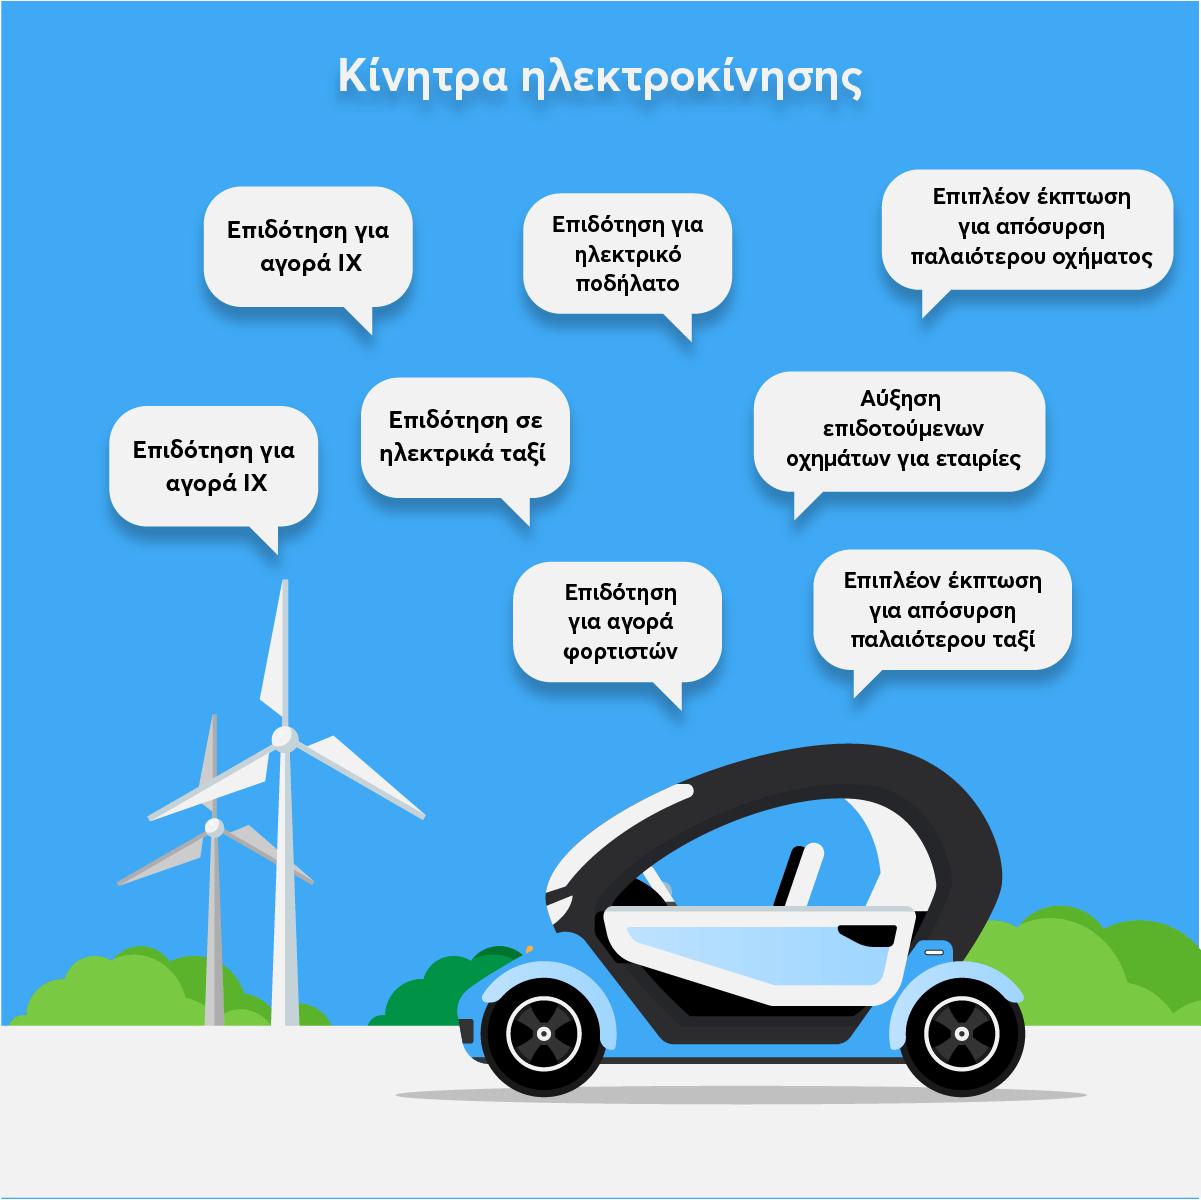 design με τα κίνητρα για την ηλεκτροκίνηση στην Ελλάδα